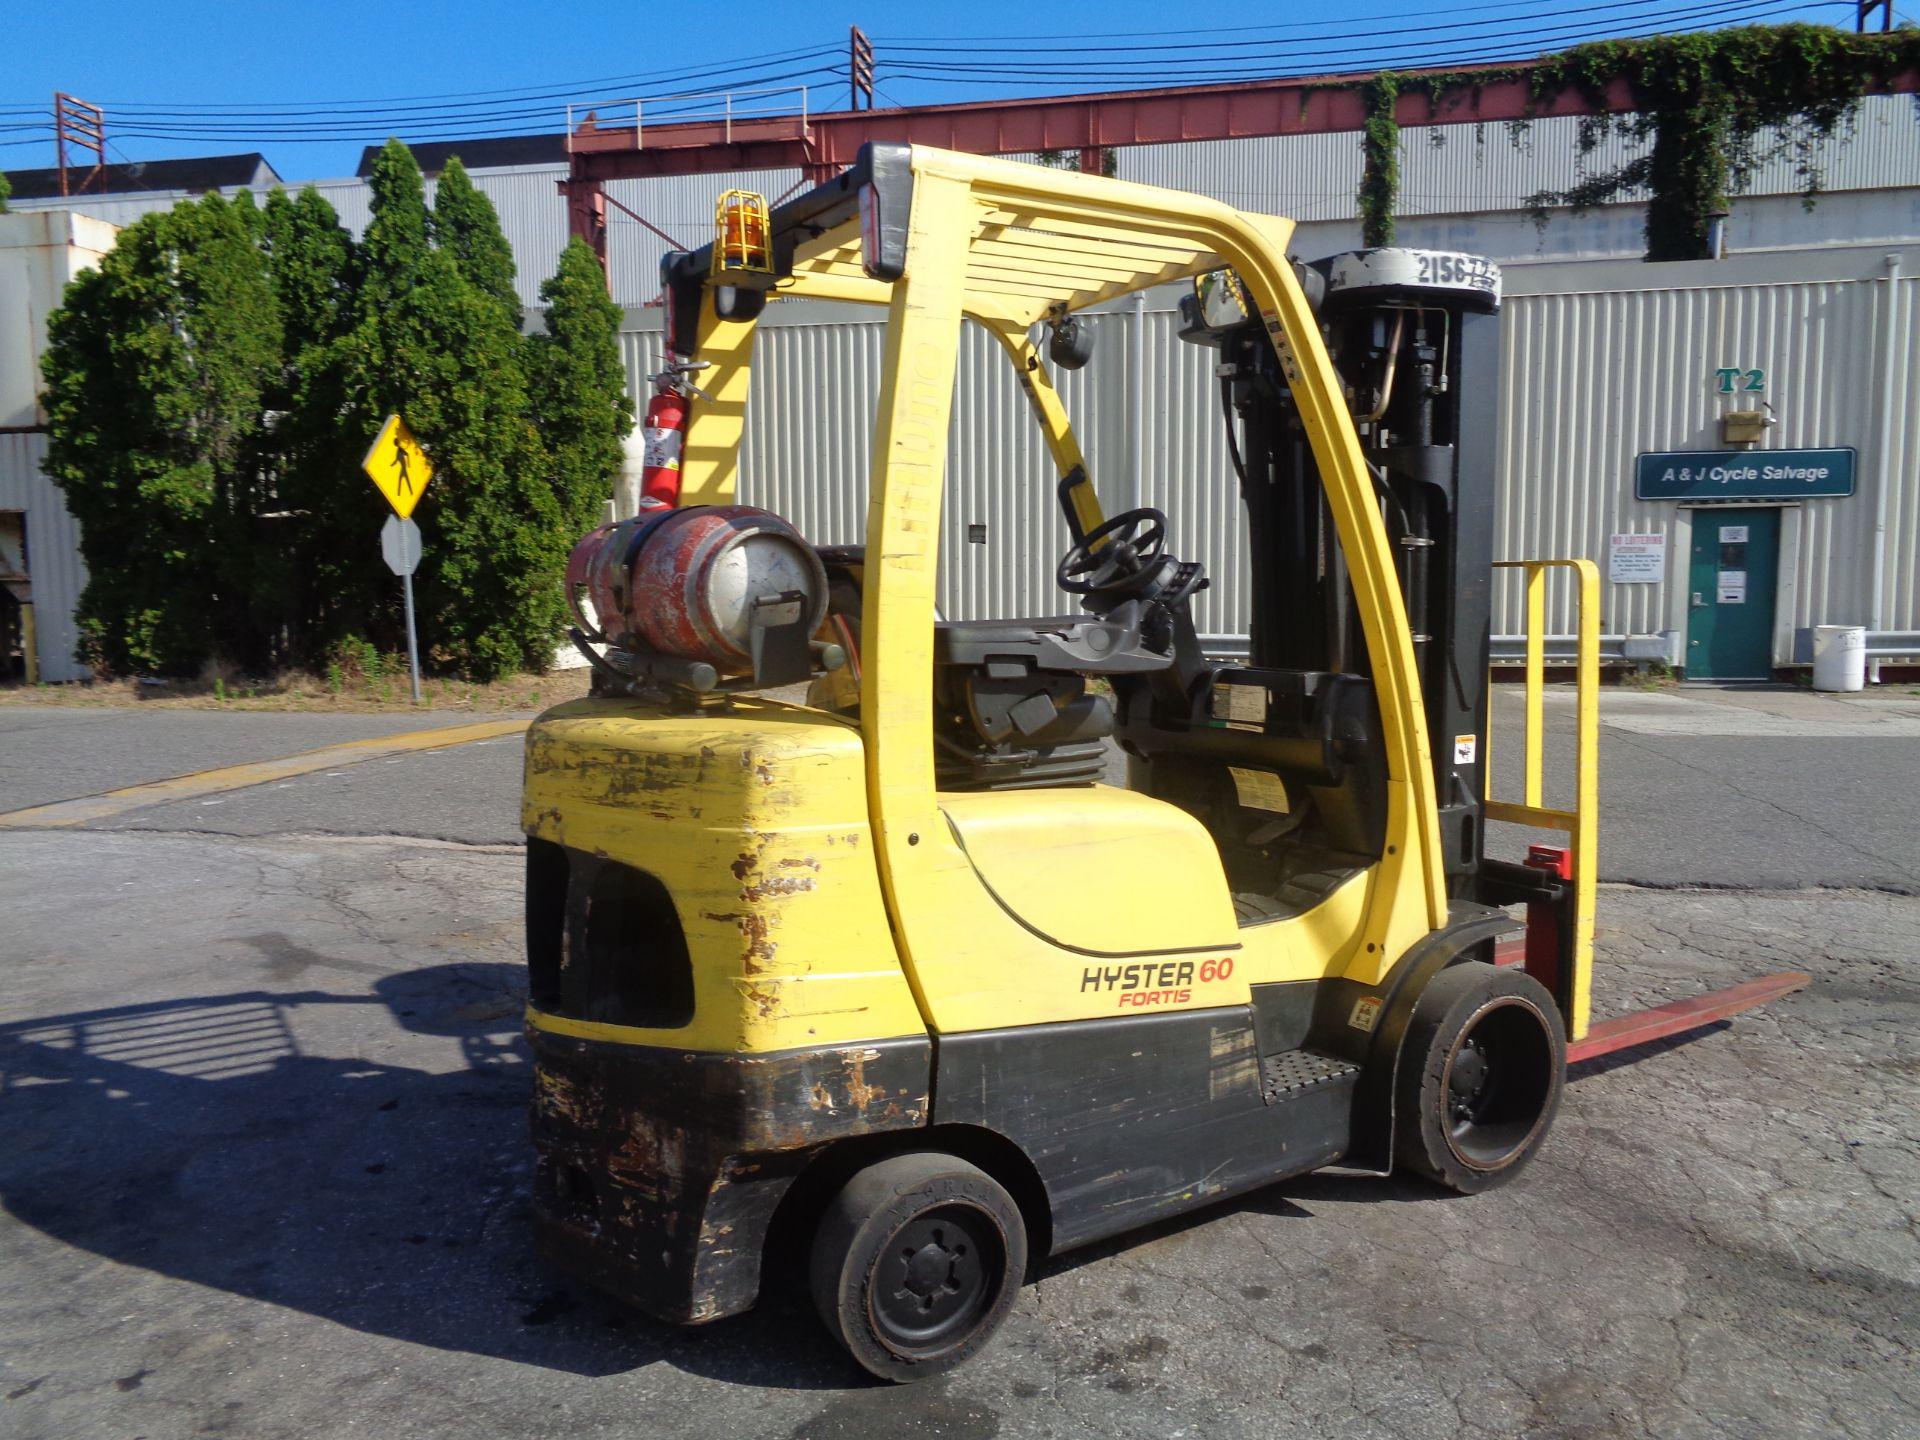 2012 Hyster S60FT 6,000lb Forklift - Quad Mast - Image 8 of 13